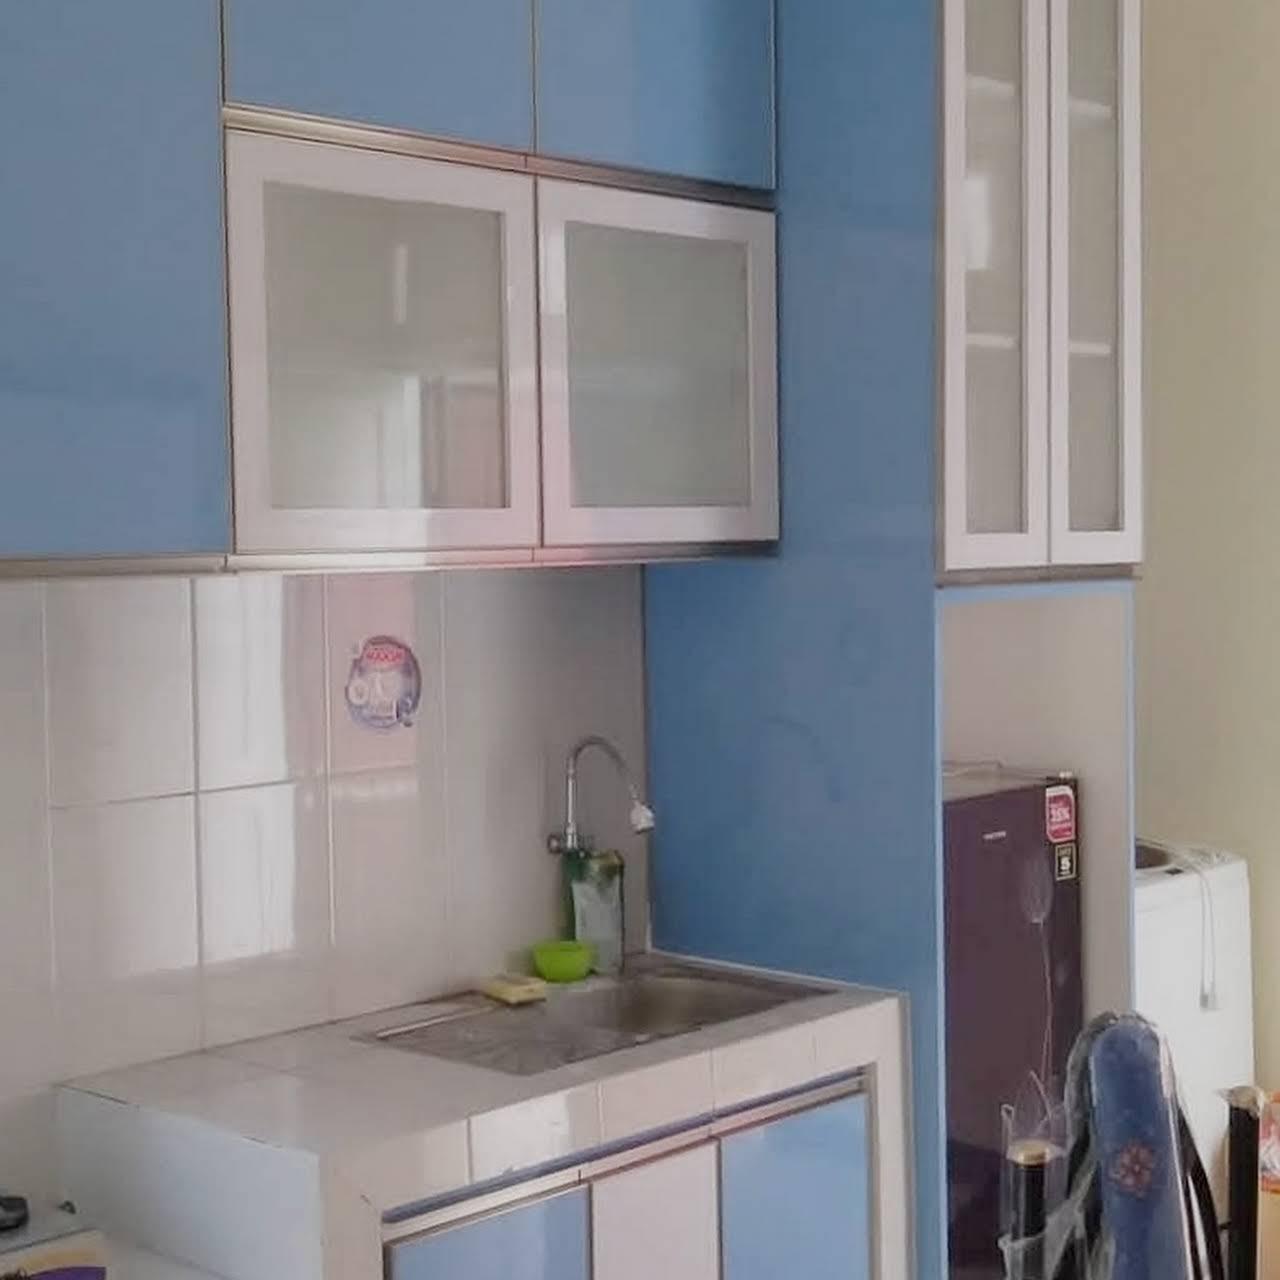 Kitchen Set Depok - Toko mebel kota depok